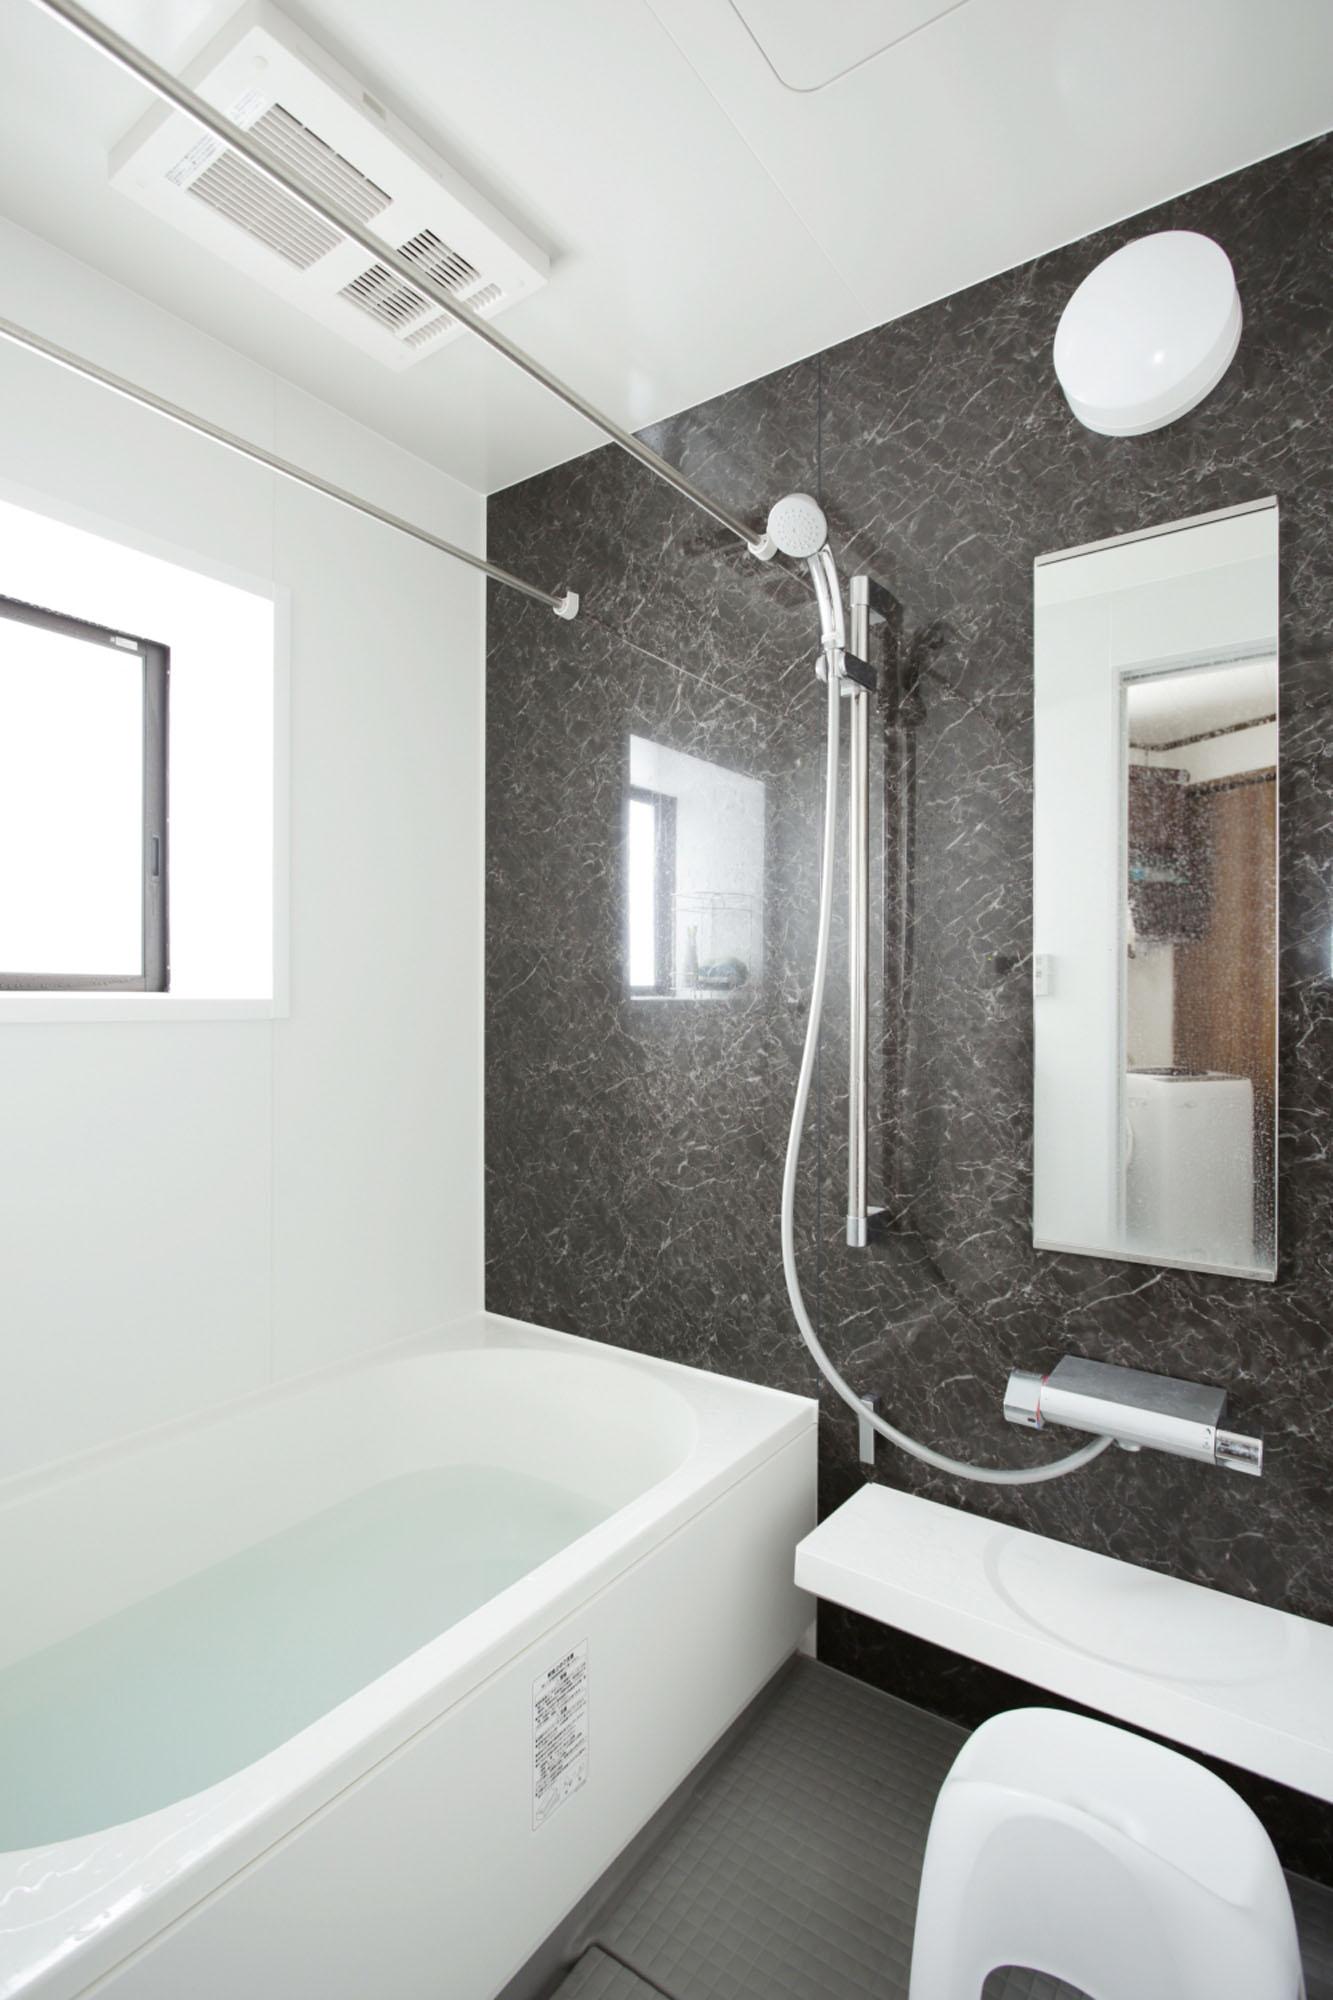 光も風も入る浴室です。の写真